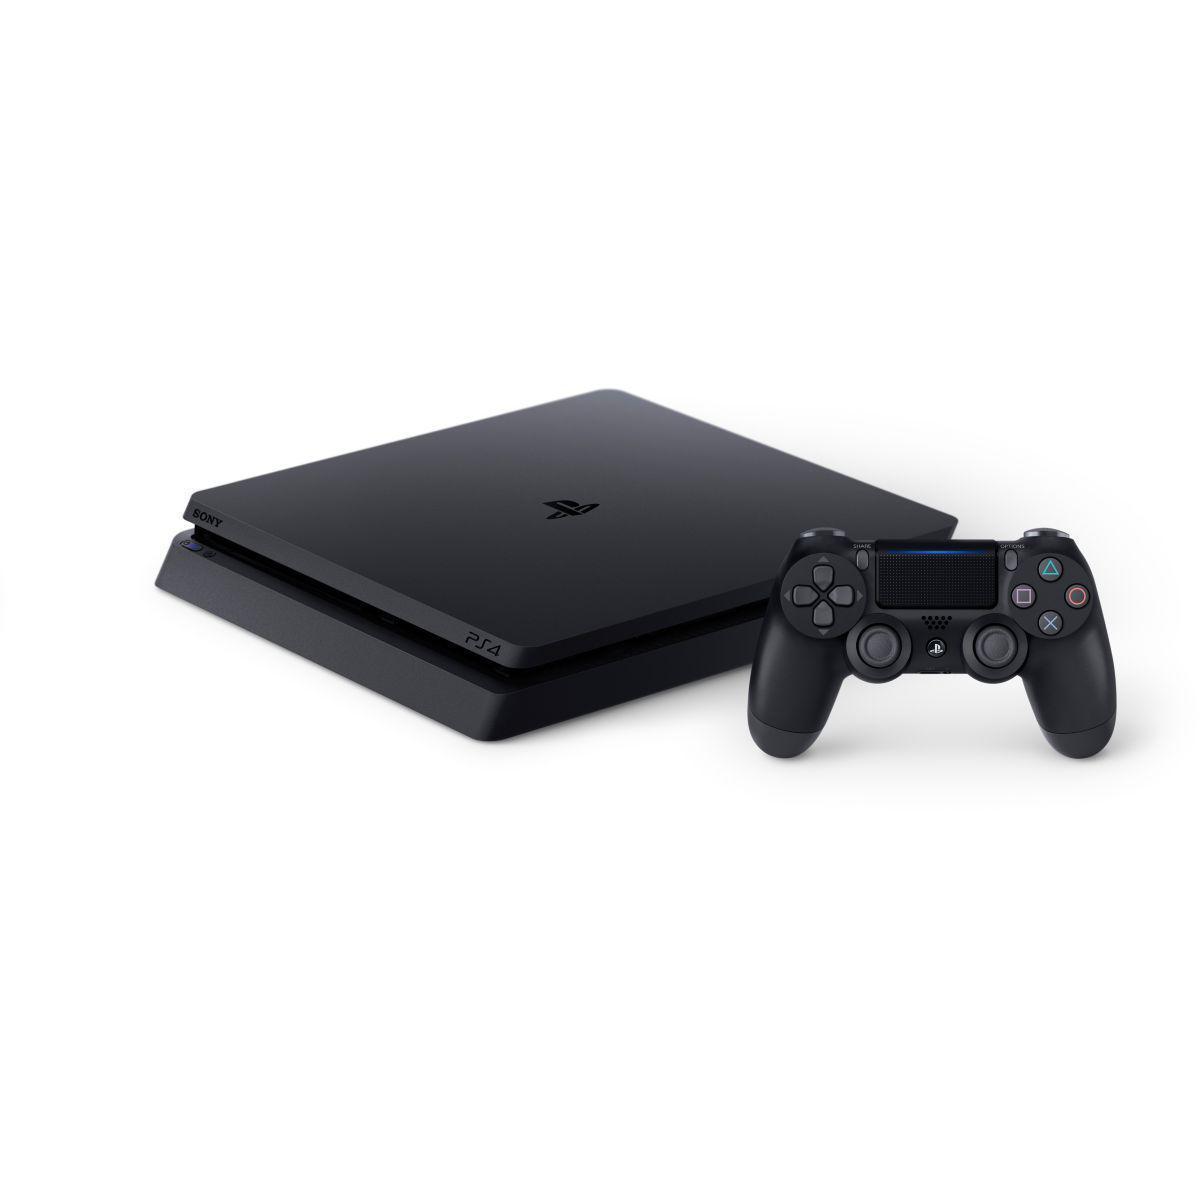 Consola de Jogos Sony PlayStation 4 Slim